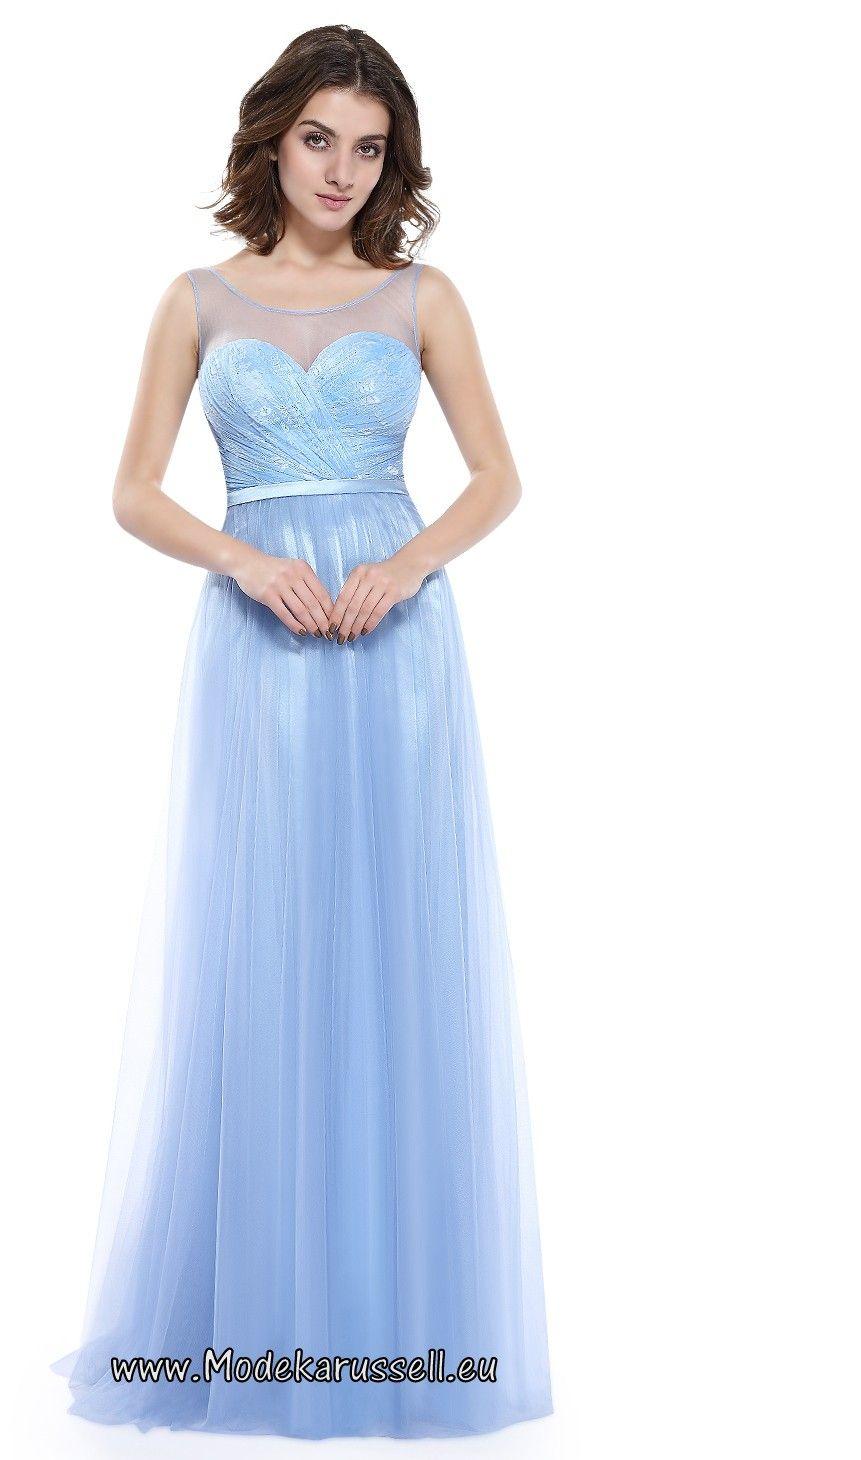 Abendkleid hellblau gunstig